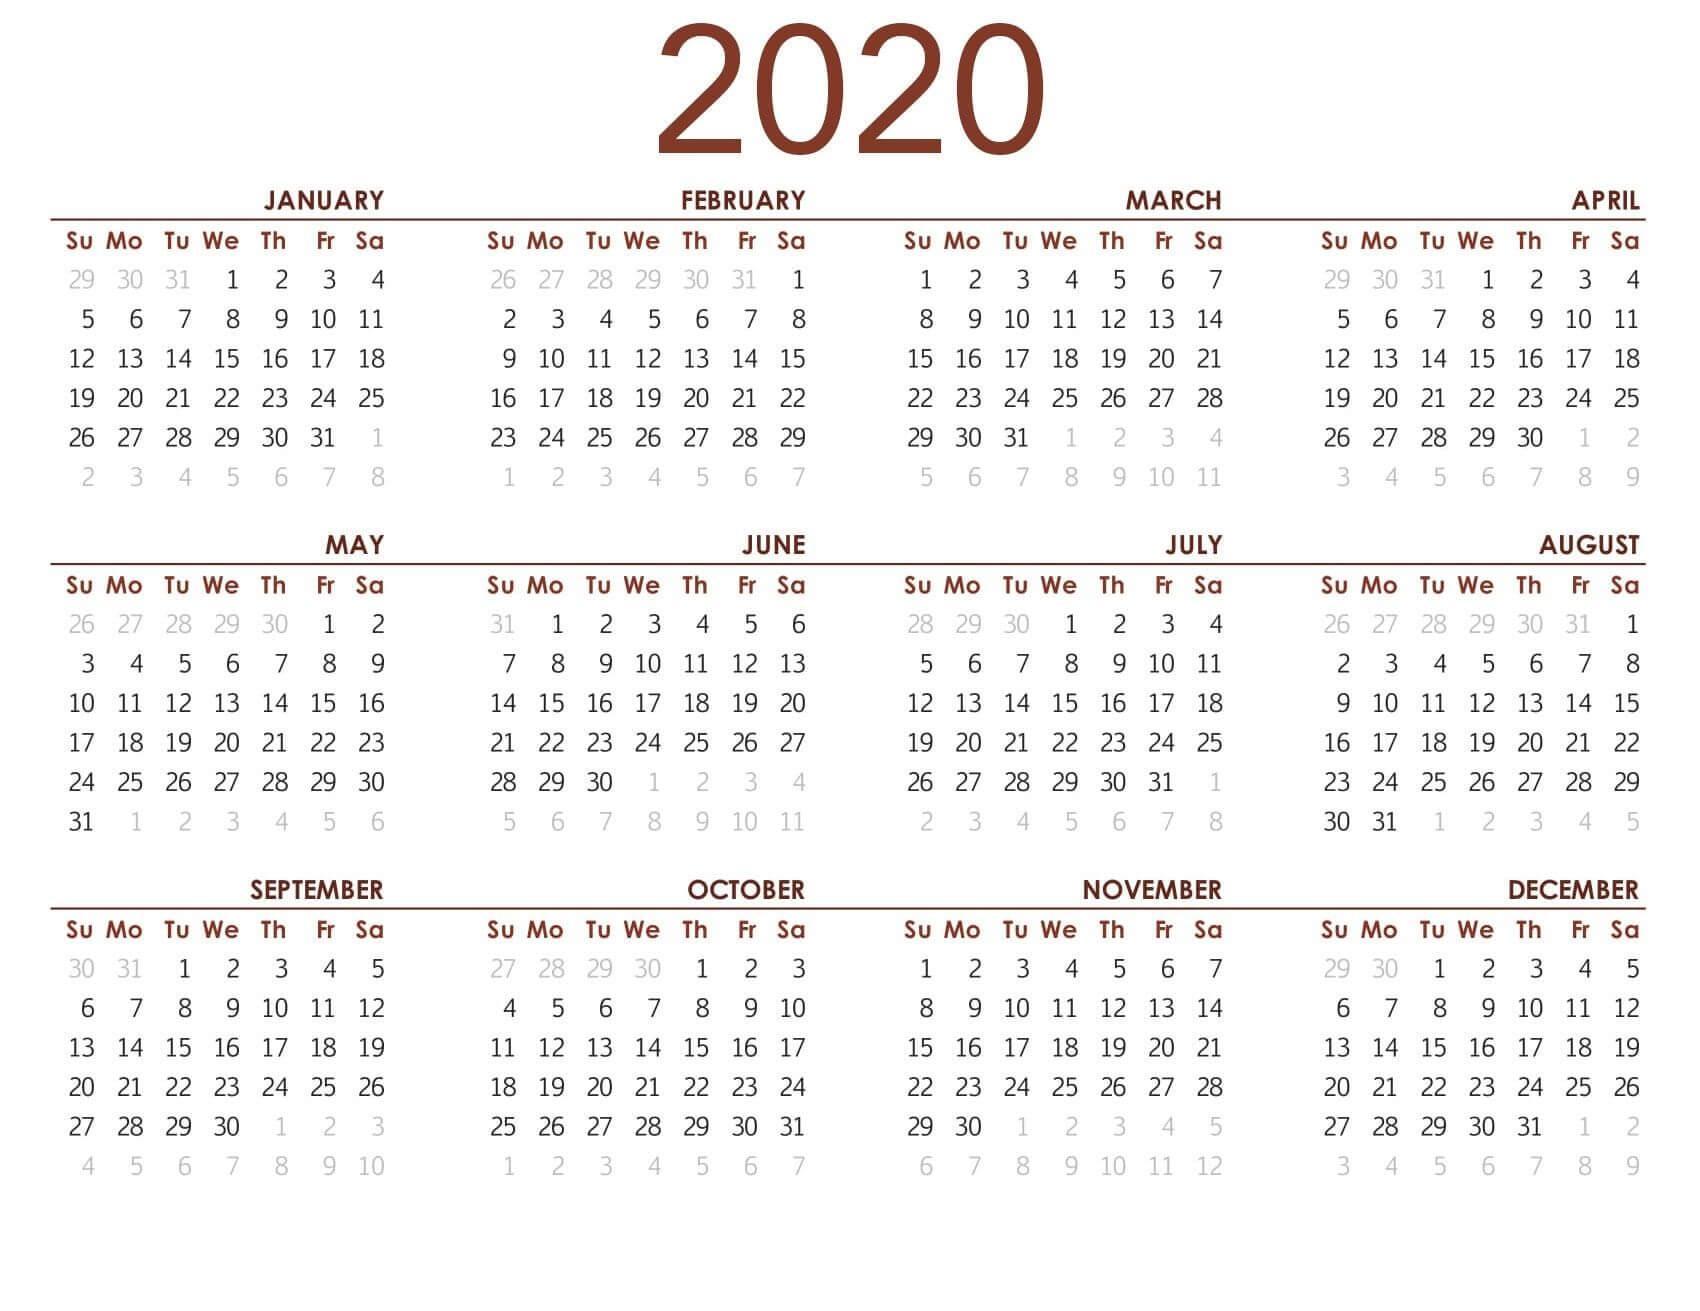 Printable Calendar 2020 With Notes  2019 Calendars For regarding Printable 12 Month 2020 Calendar